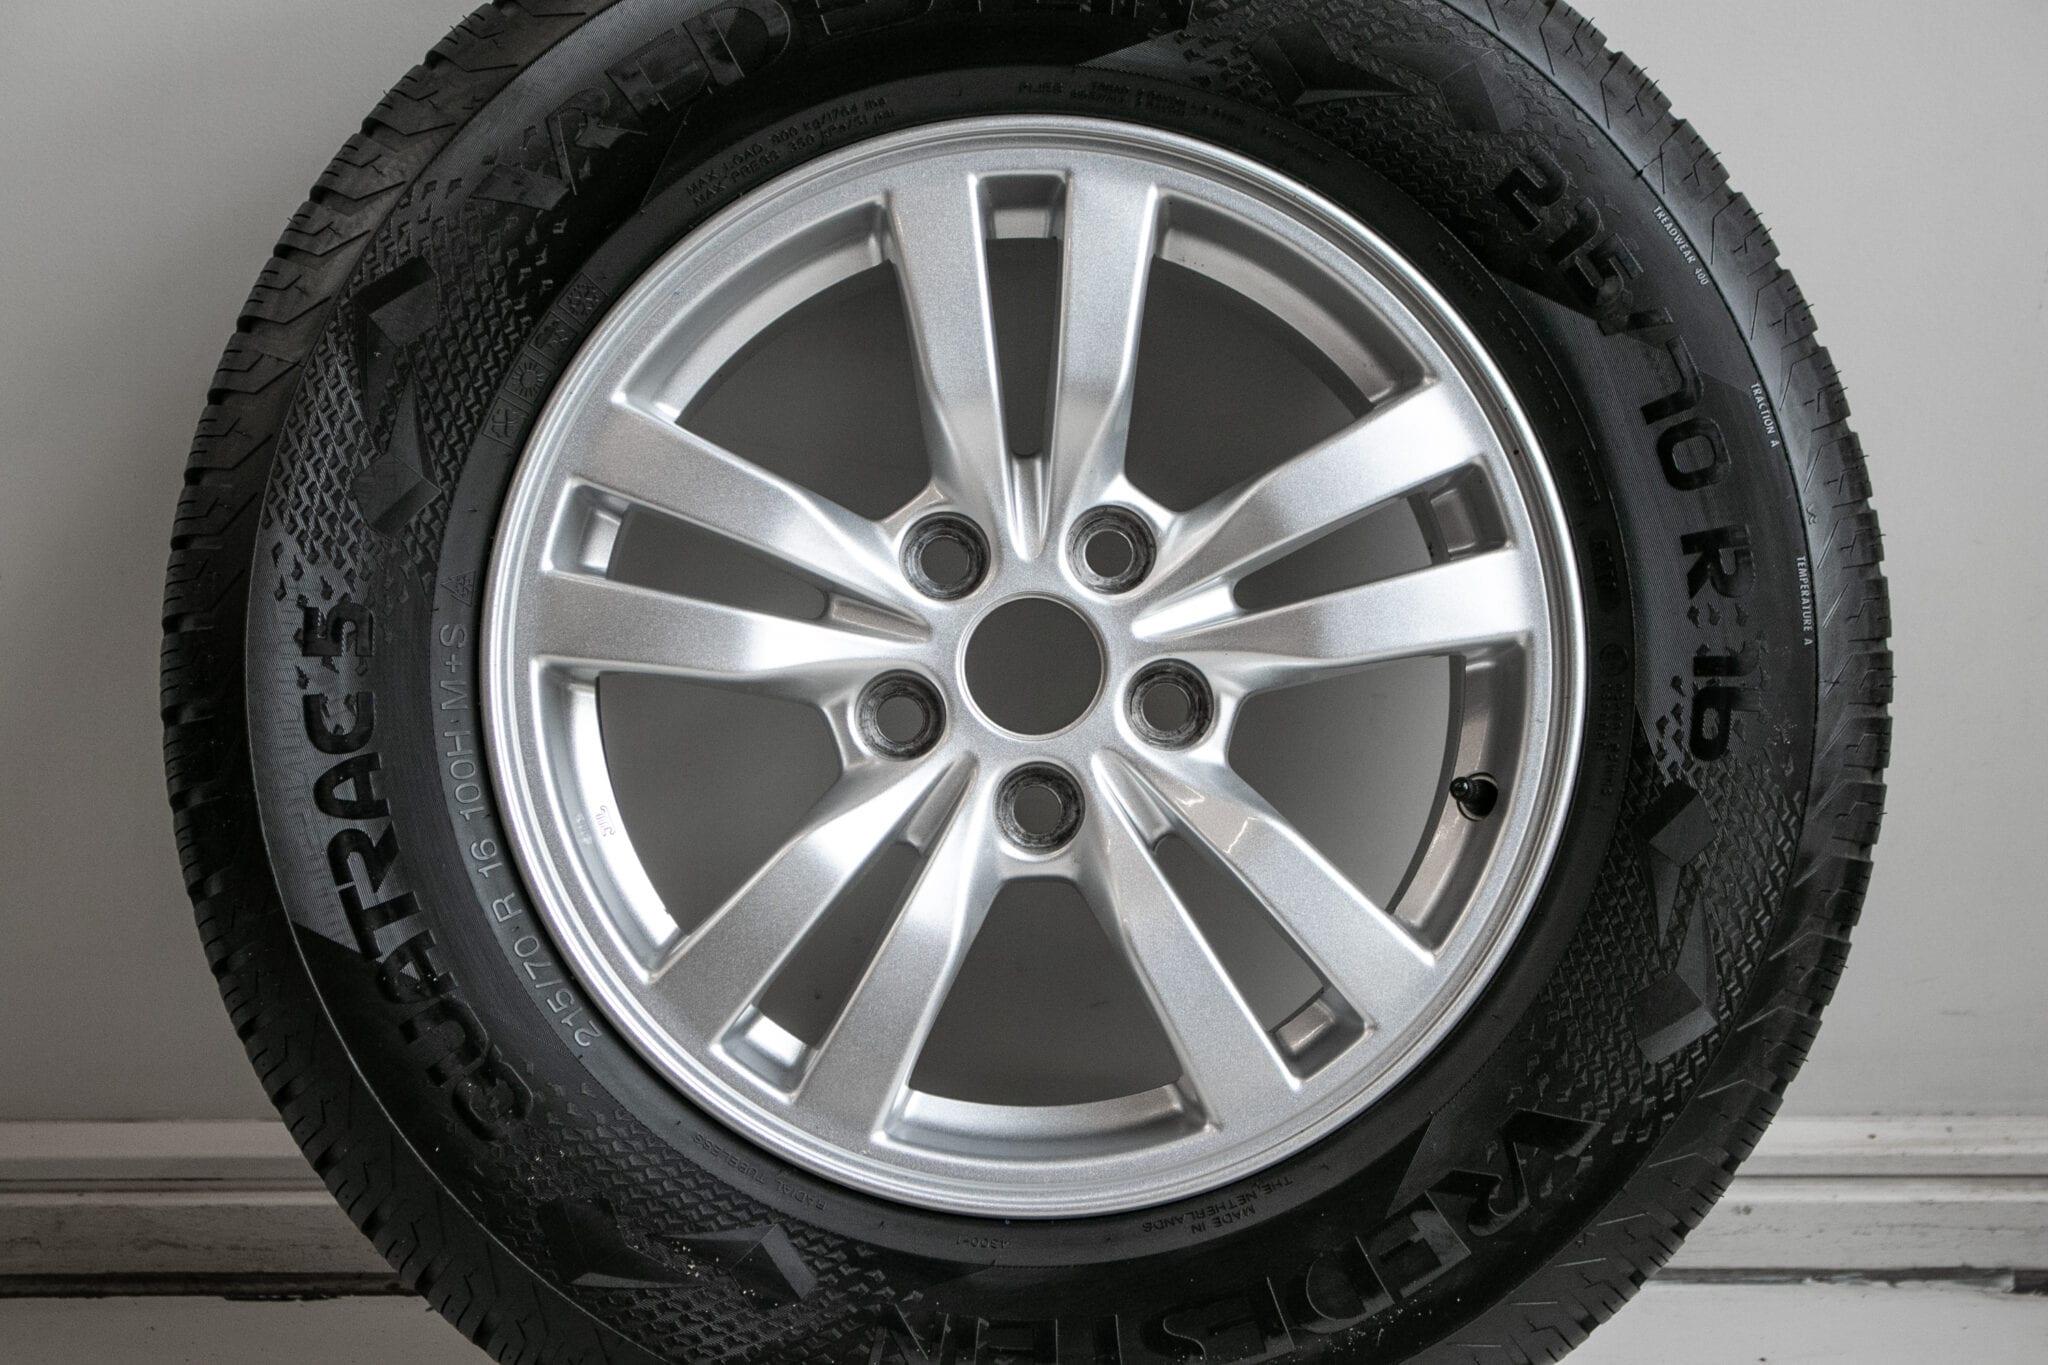 """16"""" Winterwielen voor o.a. Mitsubishi ASX, Outlander of Eclipse Cross met bandenspanningssensoren. €499,- Gebruikt. Profieldiepte: 6.2mm - 6.8mm"""